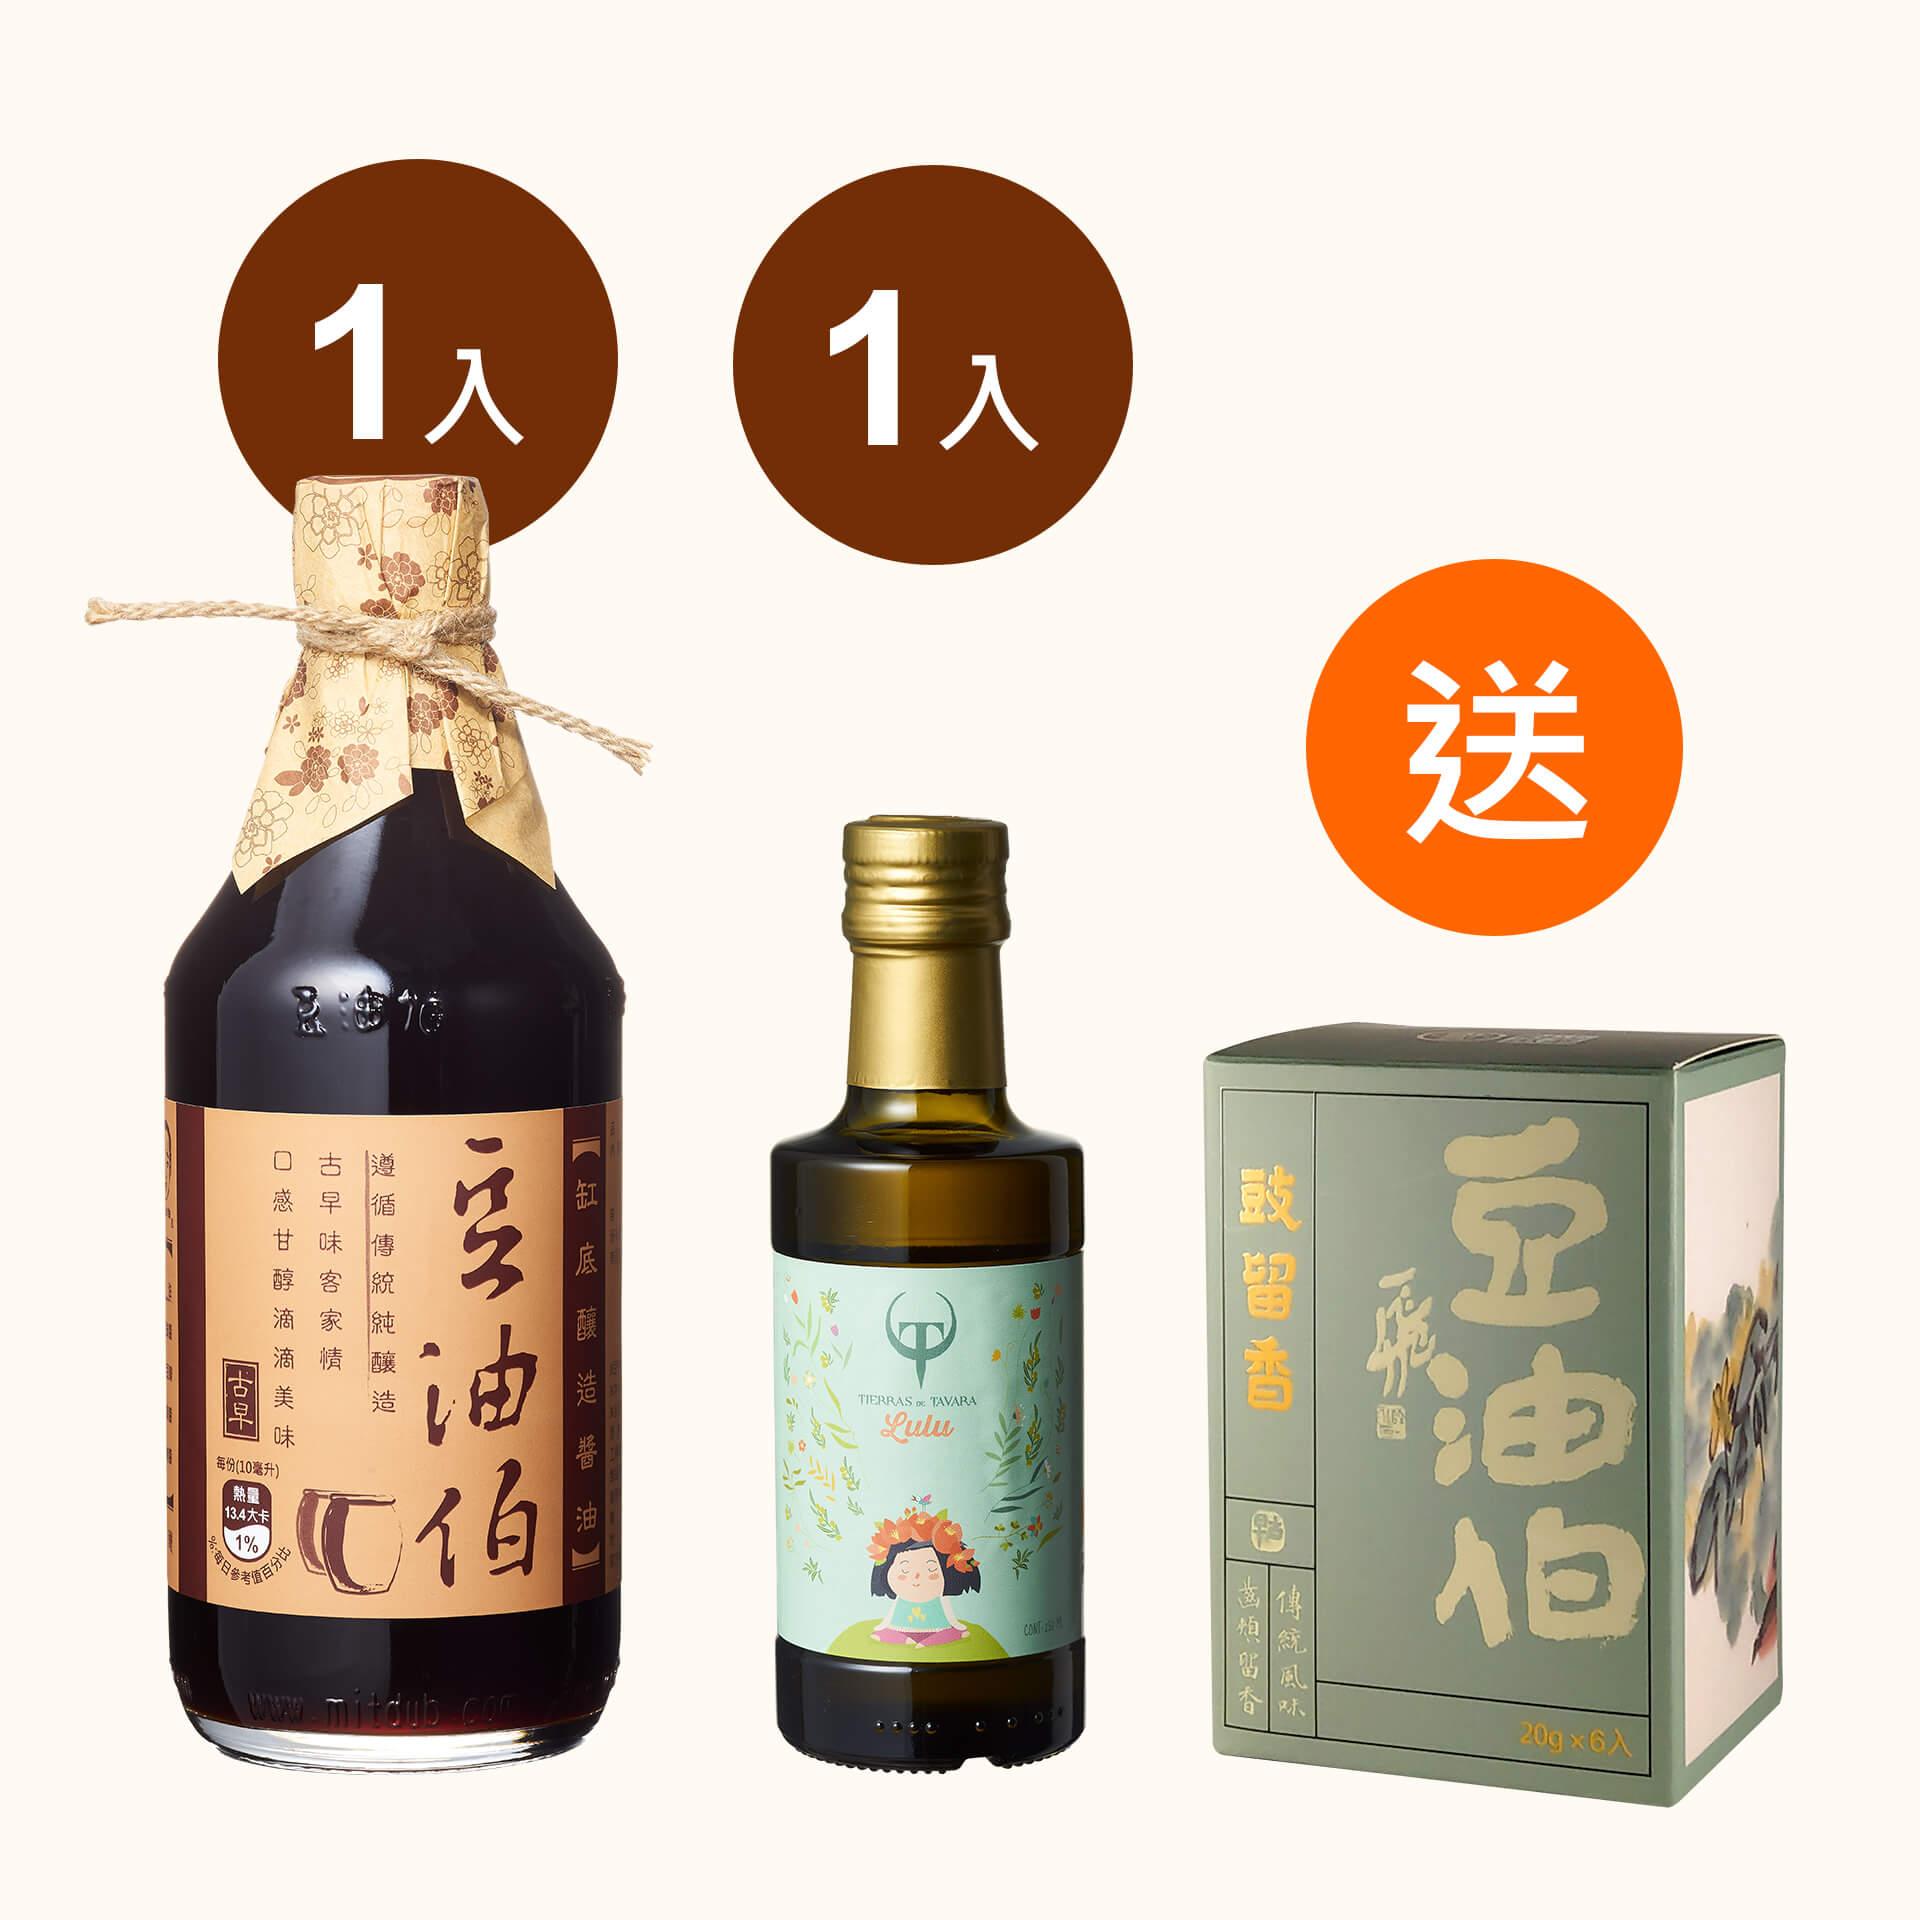 【新客限定】缸底醬油+Lulu's橄欖油250ml送豆豉留香6入醬包*1